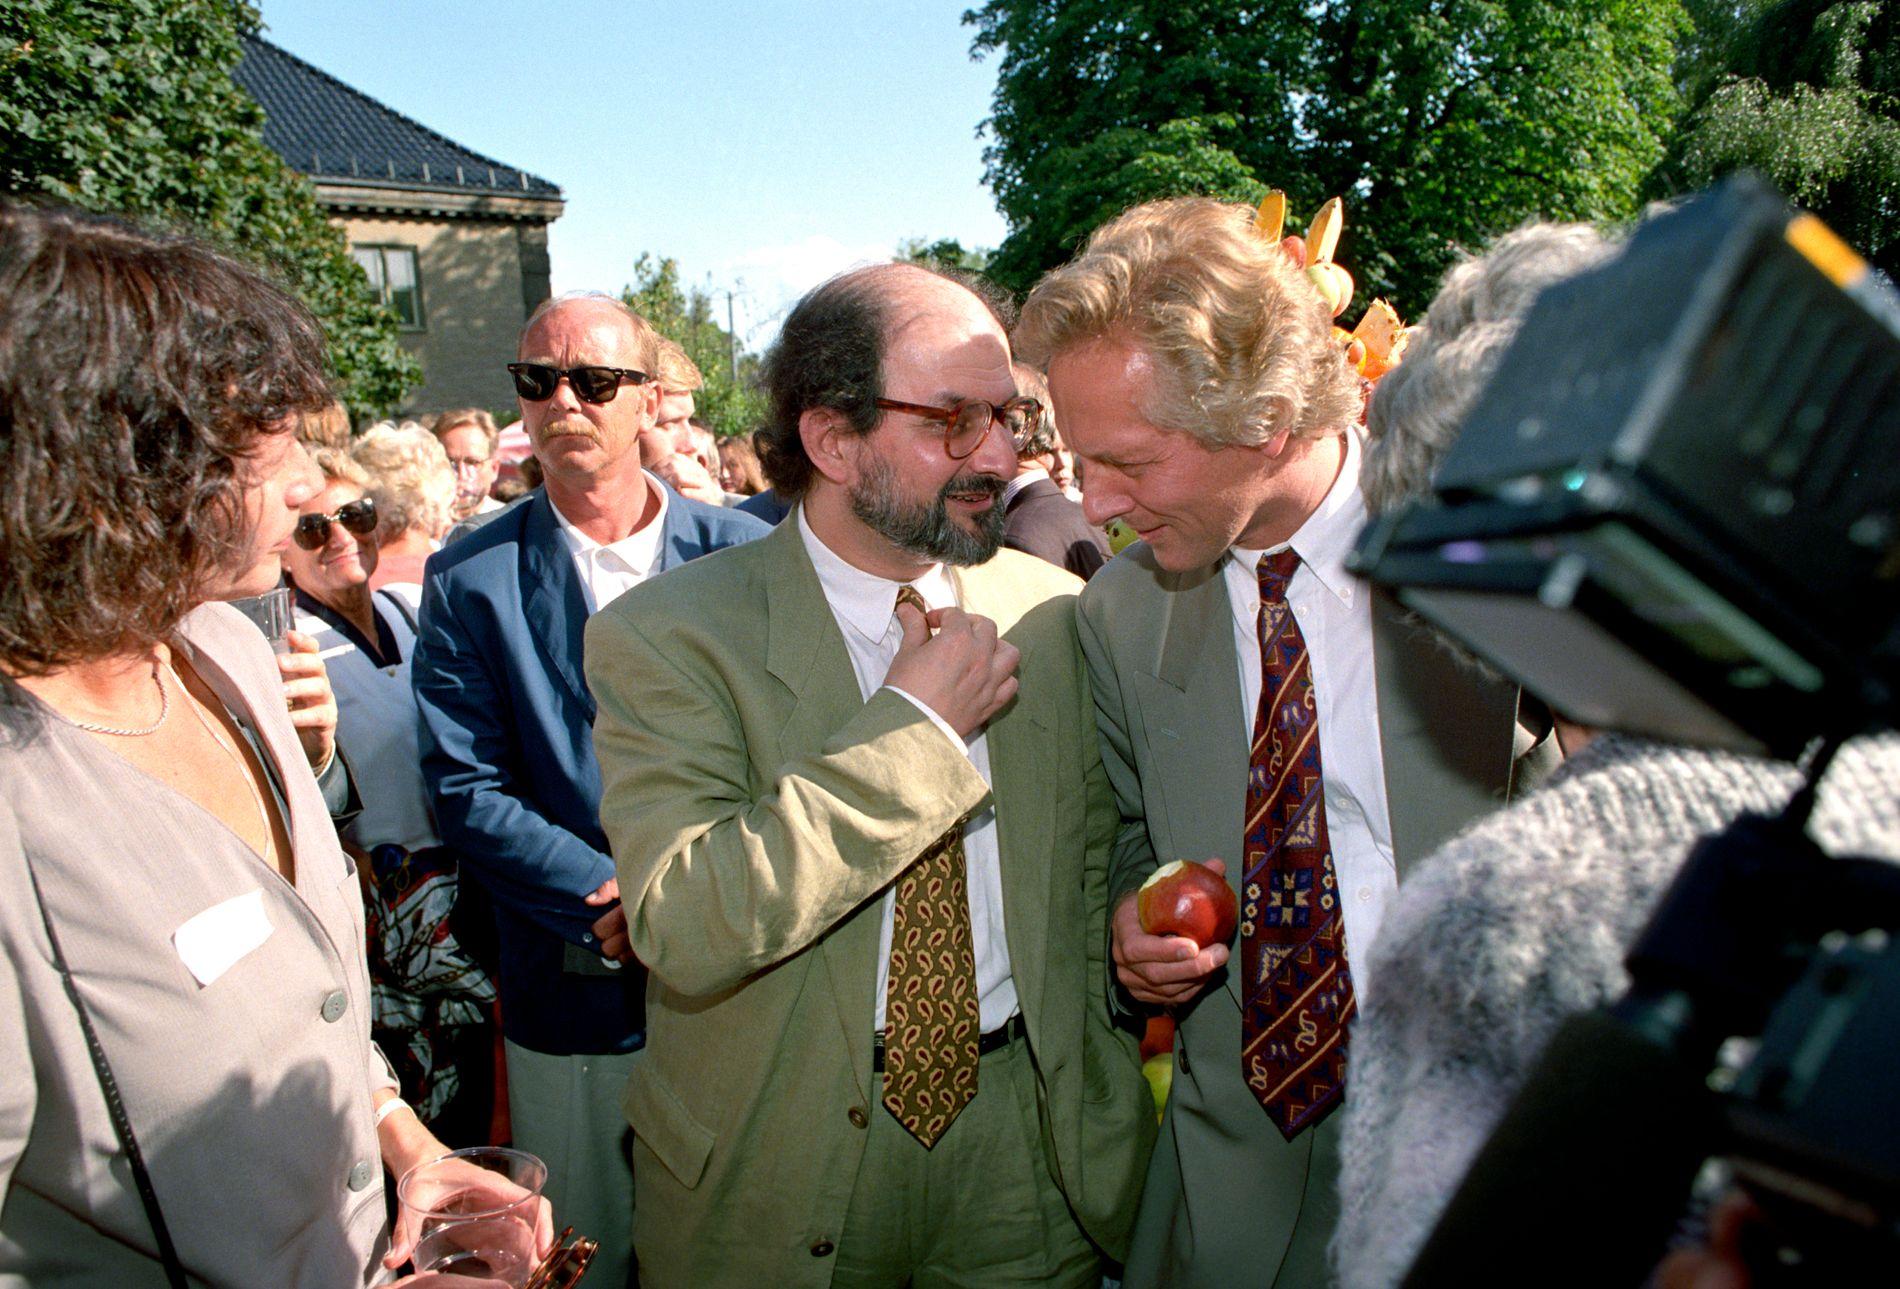 På fest: William Nygaard og Salman Rushdie sammen på Aschehougs hagefest sommeren 1992.